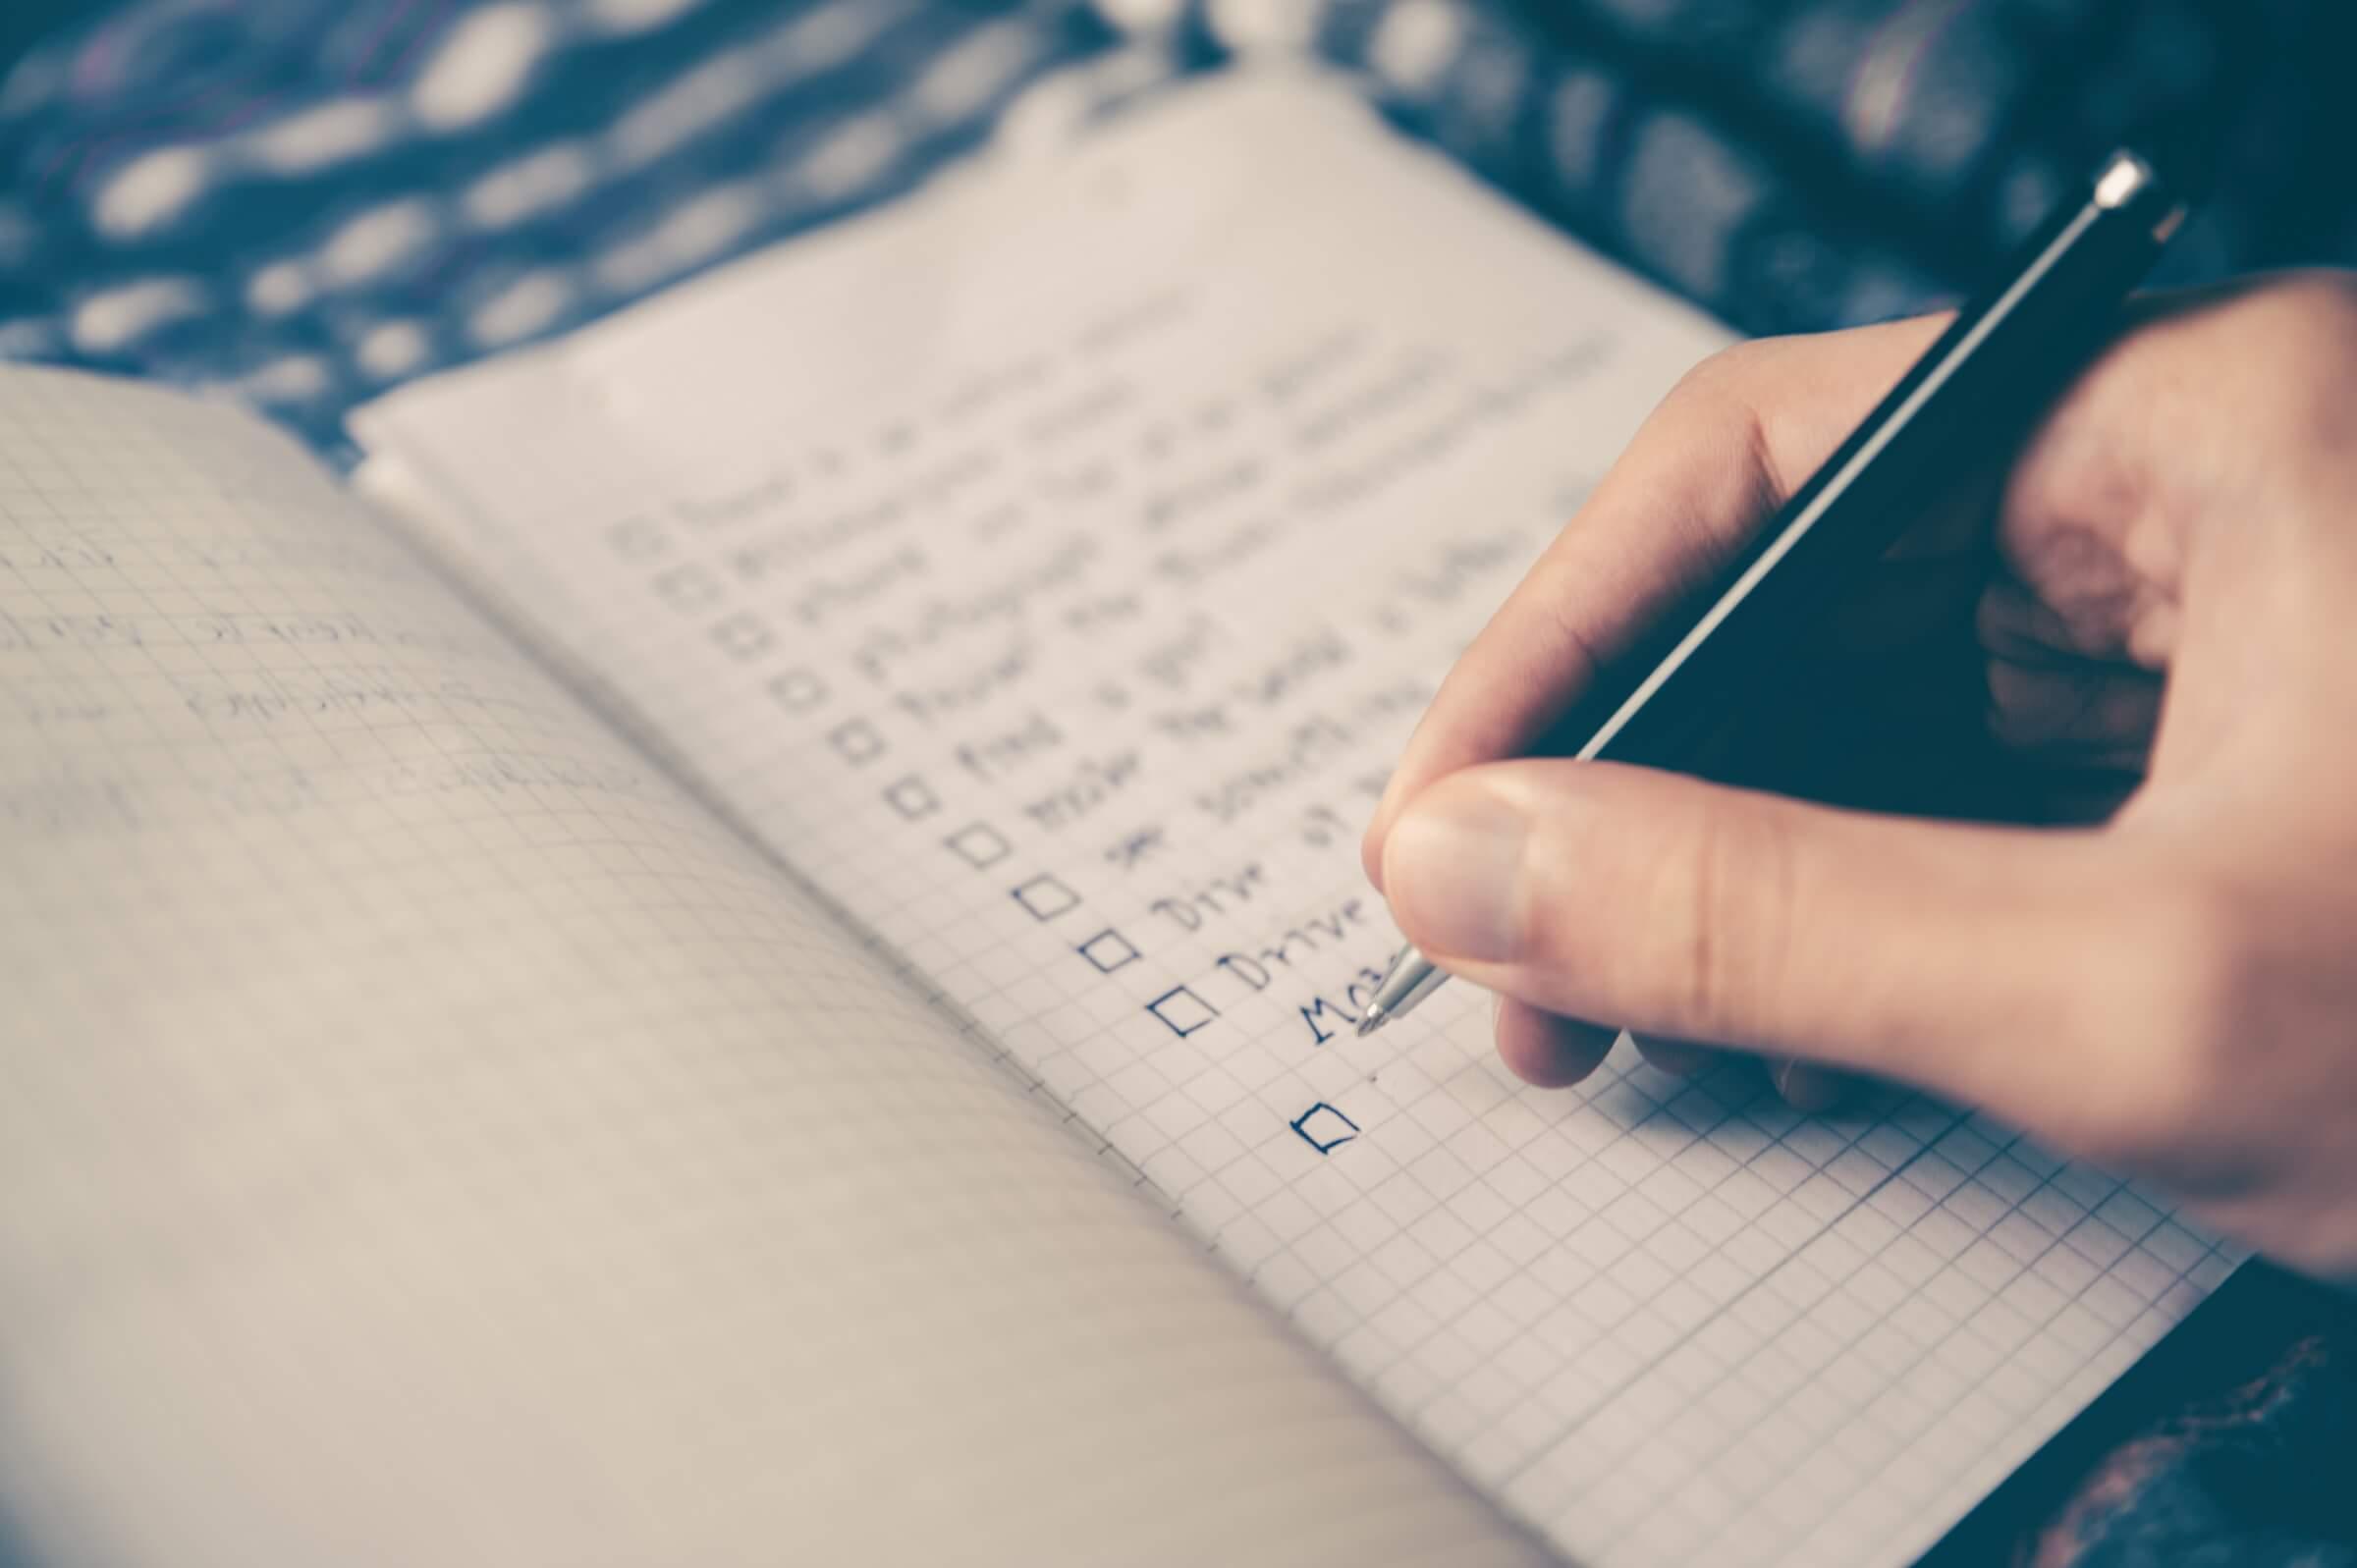 3 cosas sencillas que puede hacer ahora mismo para desarrollar